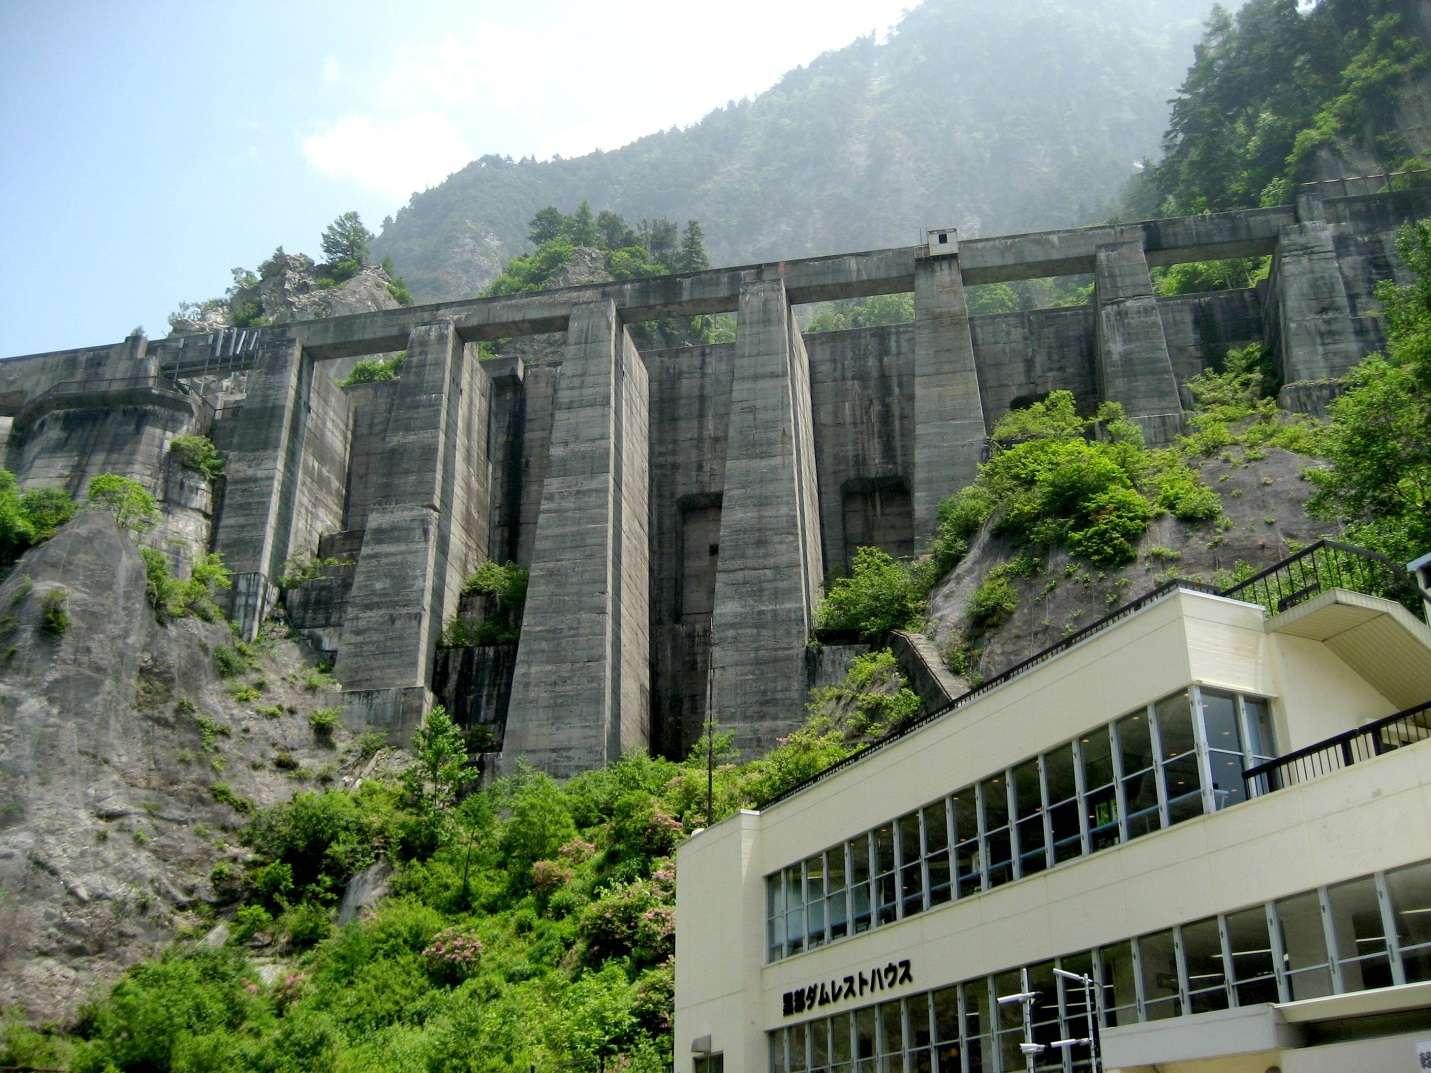 Khung cảnh hùng vĩ tại đập thủy điện Kurobe Dam gây ấn tượng cho mọi du khách đến tham quan